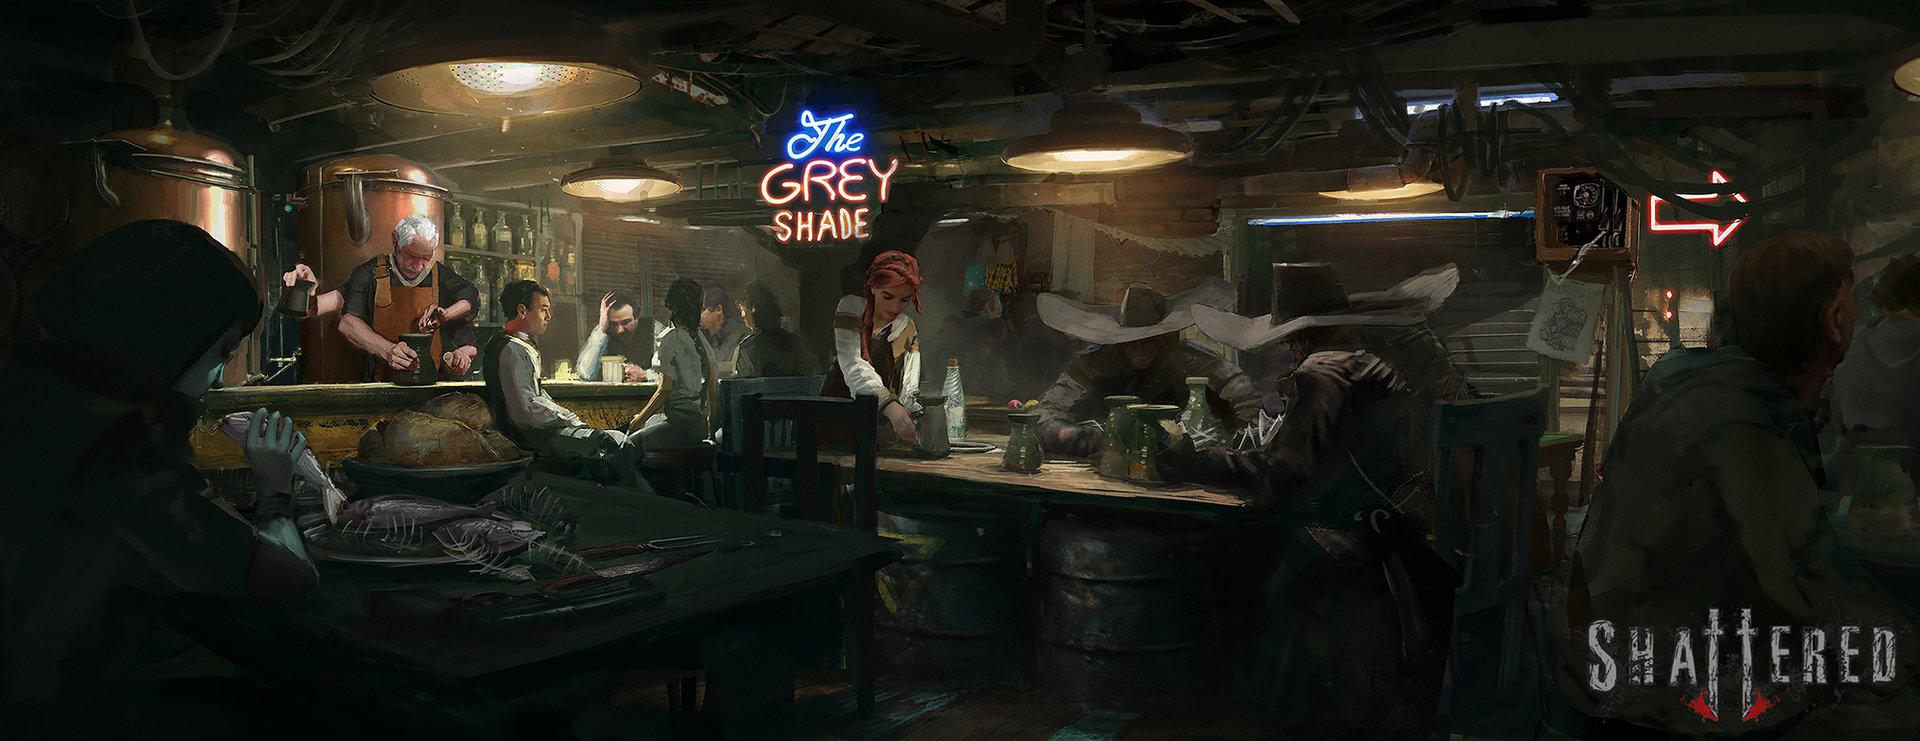 Rhys griffiths tavern deviantart2